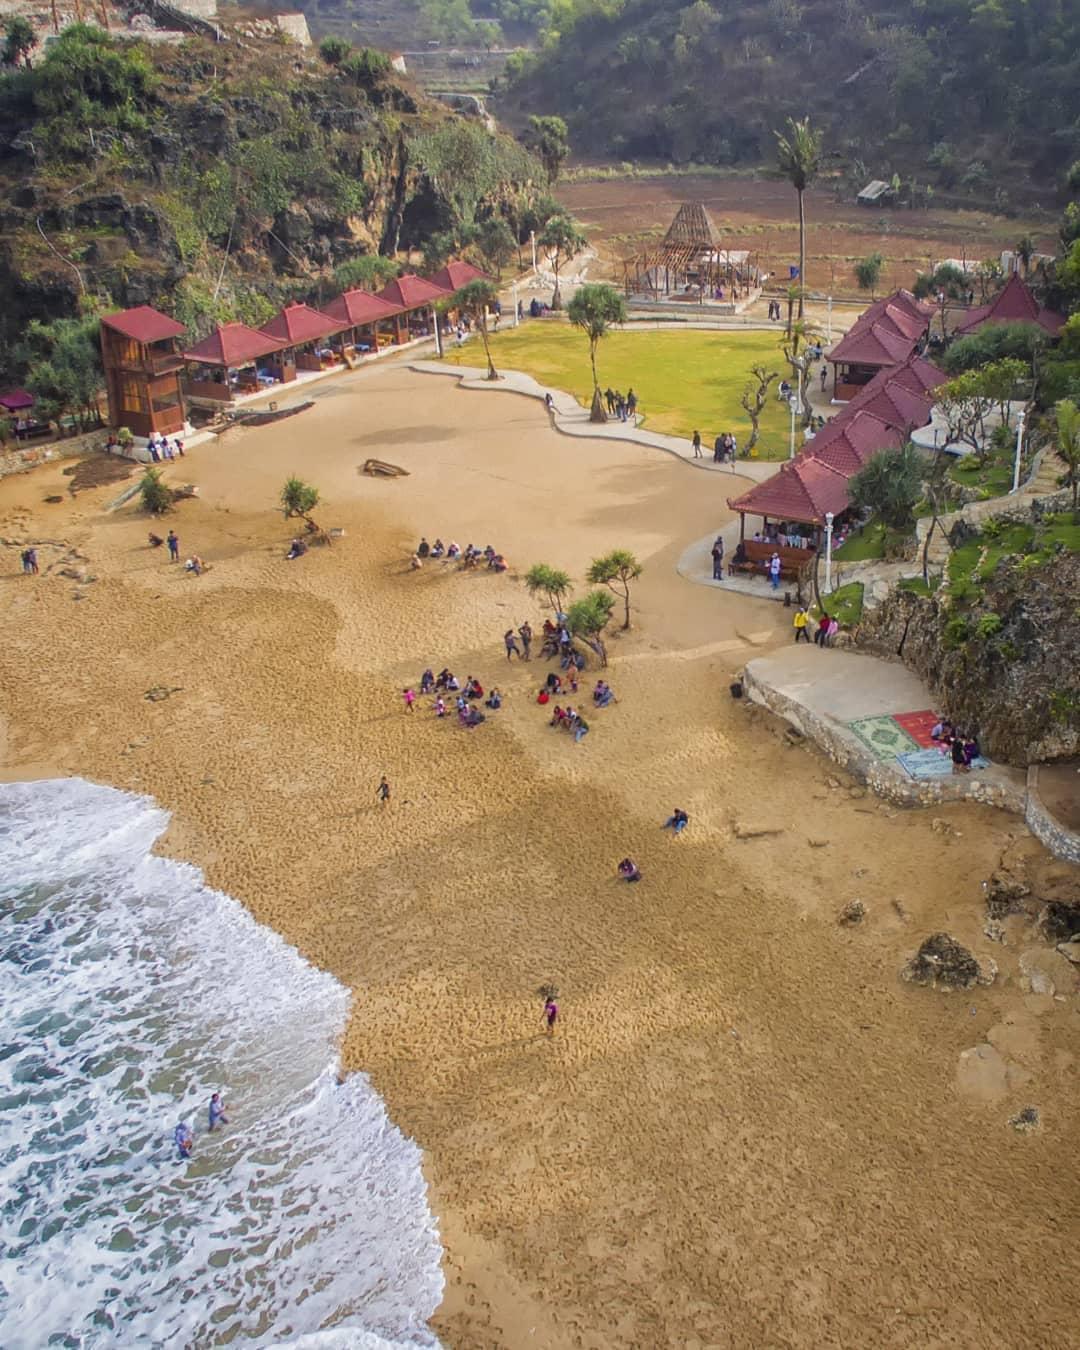 Pantai Ngrawe view